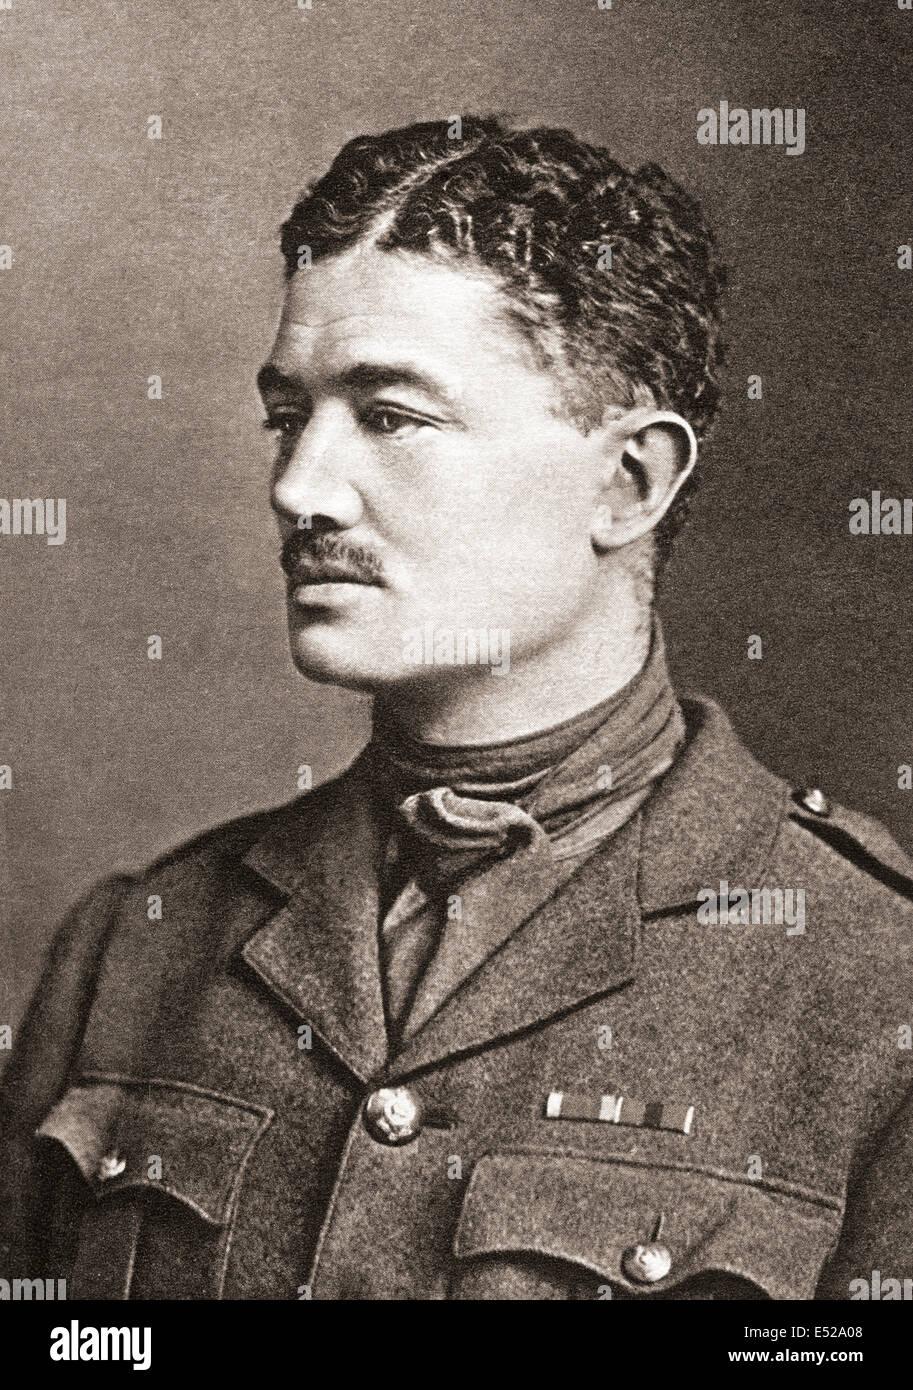 Gli onorevoli Julian Henry Francis Grenfell DSO, 1888 - 1915. Soldato britannico e poeta della guerra mondiale I. Immagini Stock